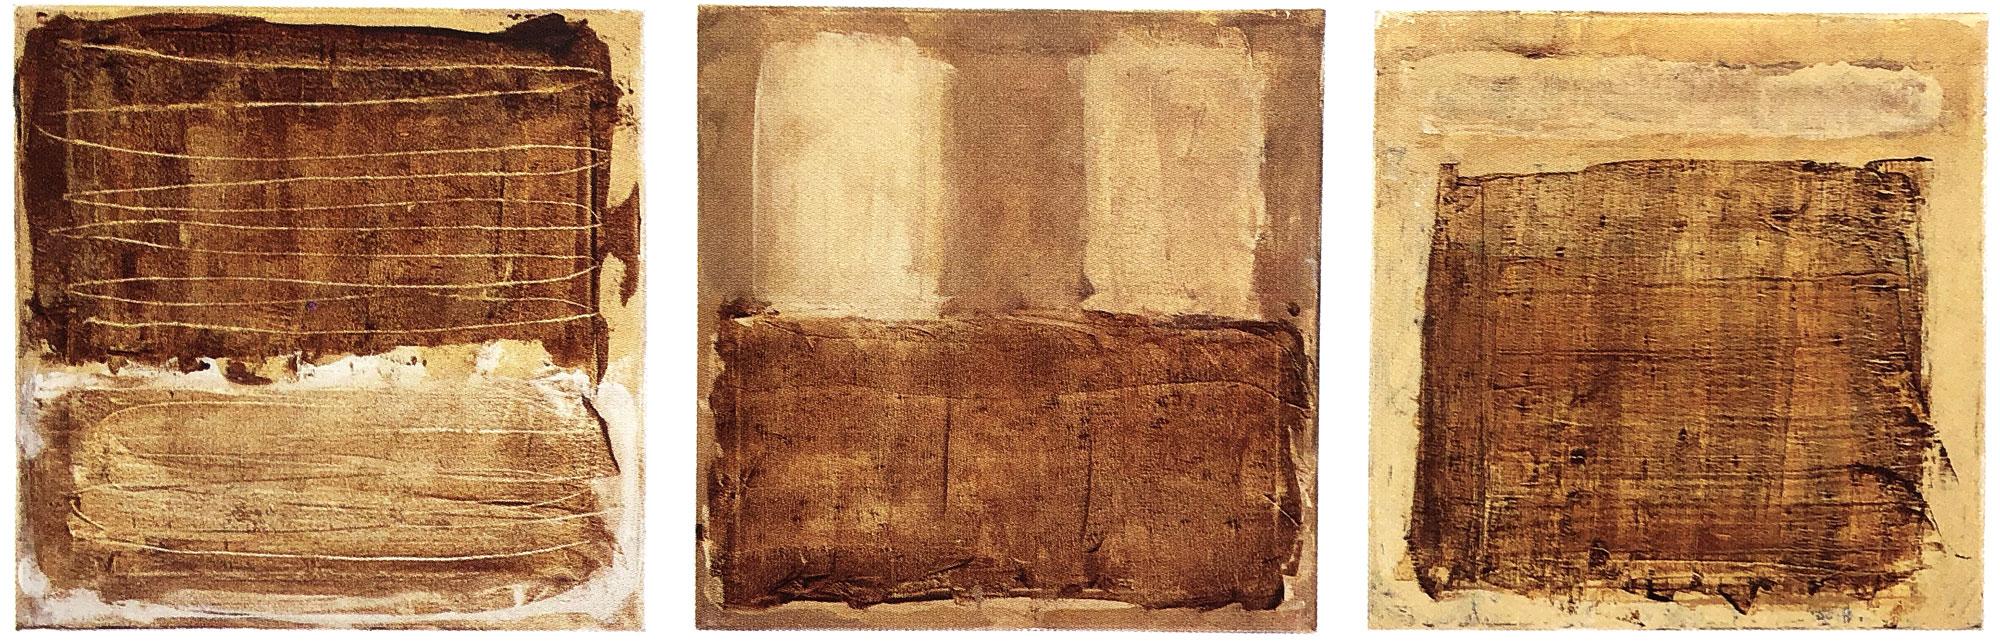 Monochrom-Triptychon-Öl-auf-Leinwand-je-50×60-2000